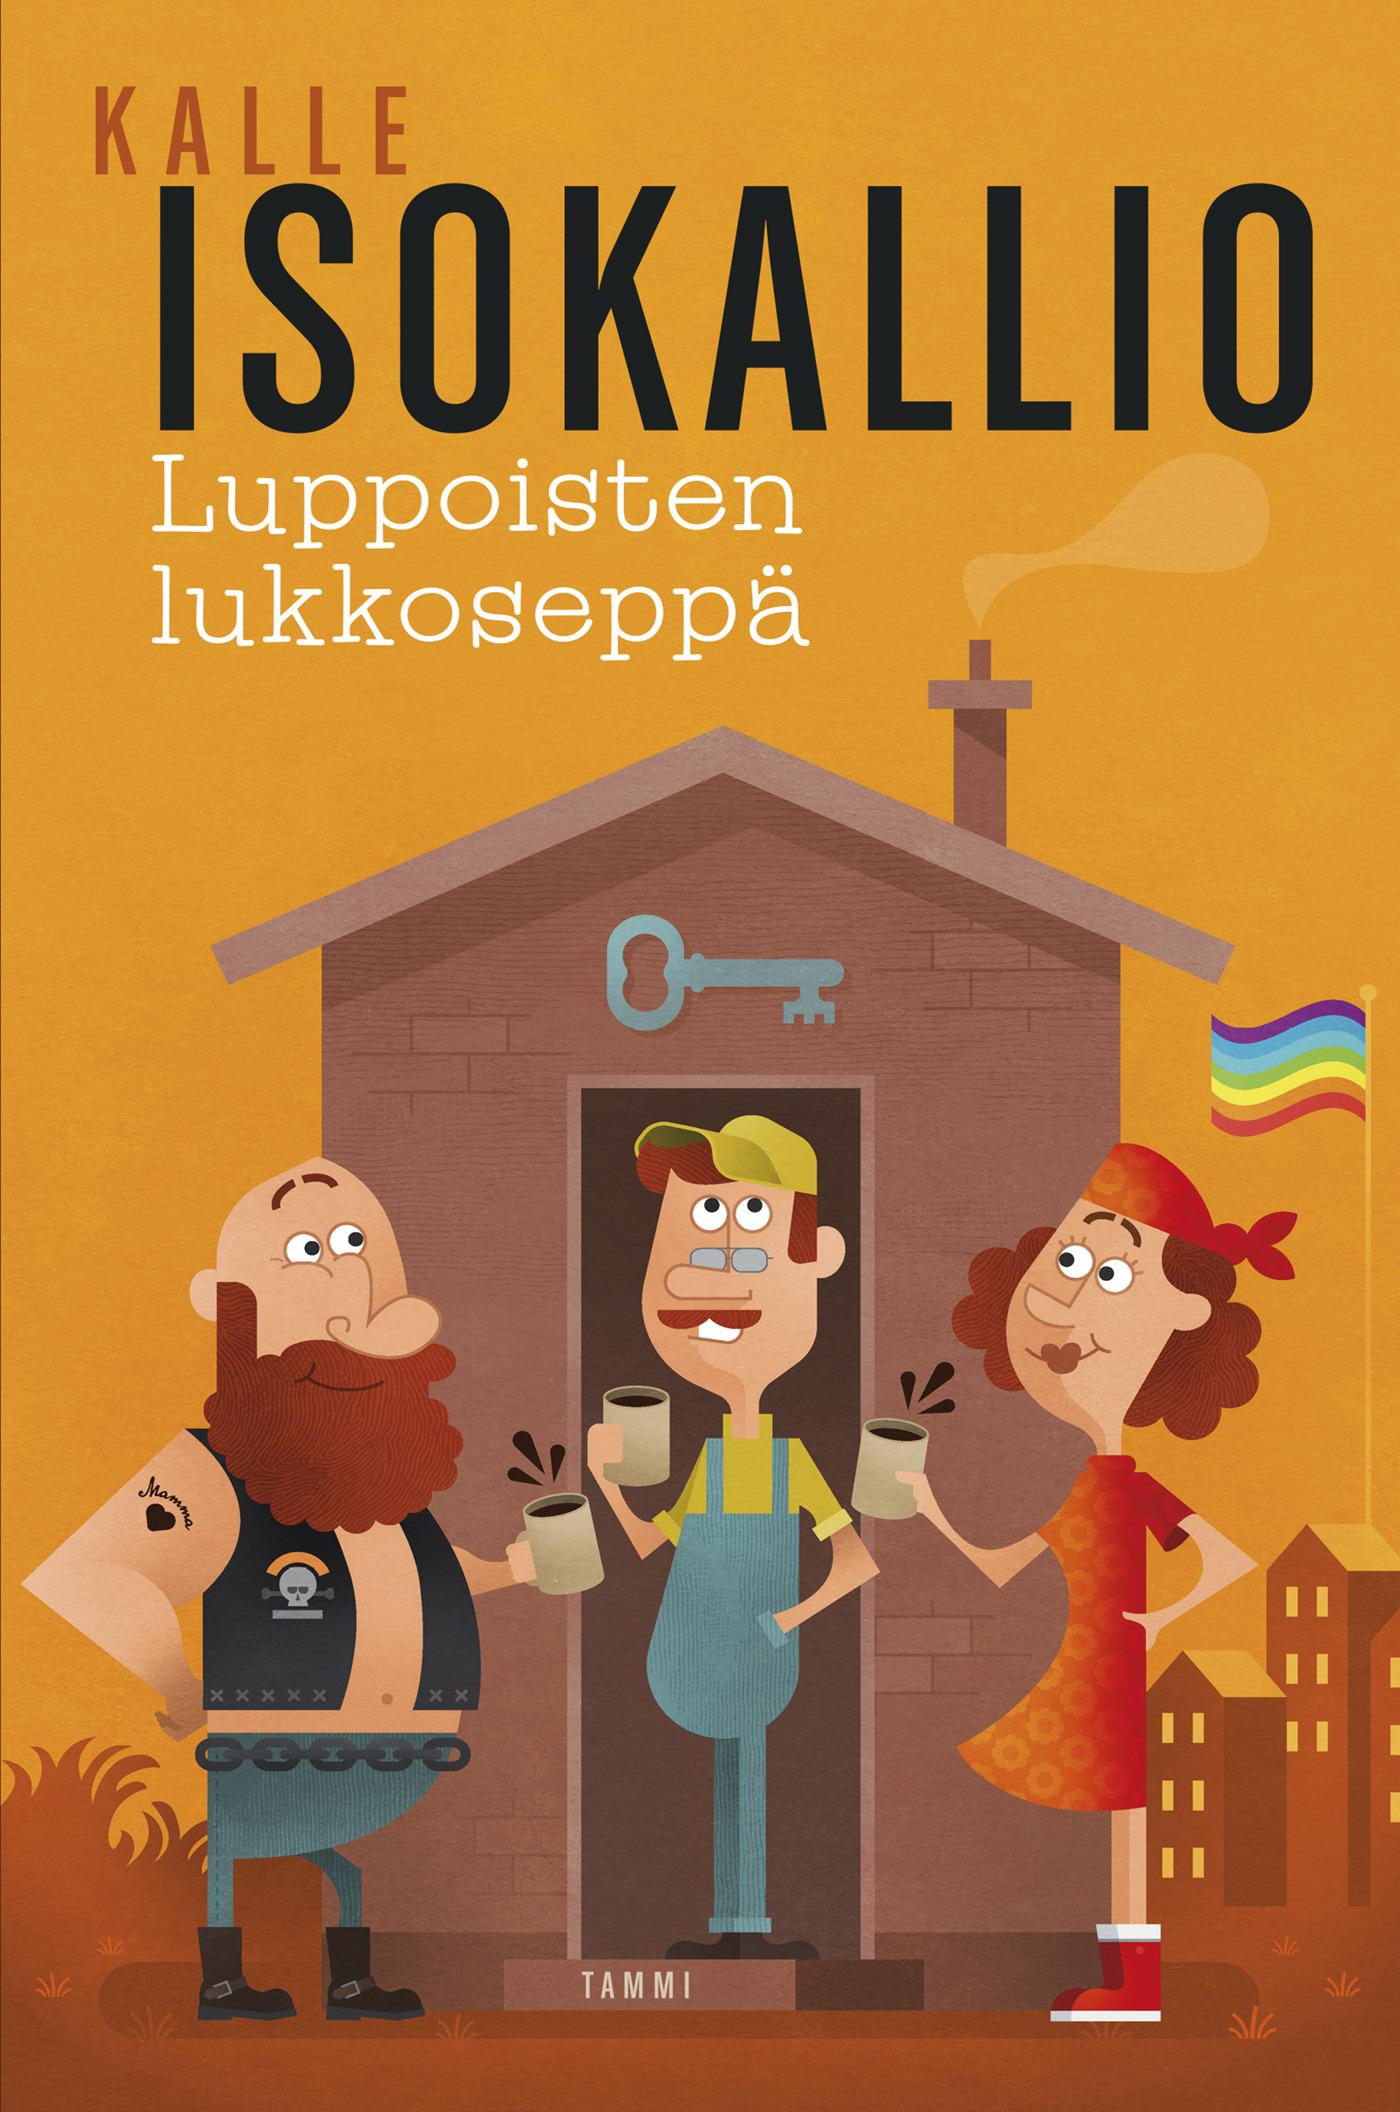 Isokallio, Kalle - Luppoisten lukkoseppä, e-kirja